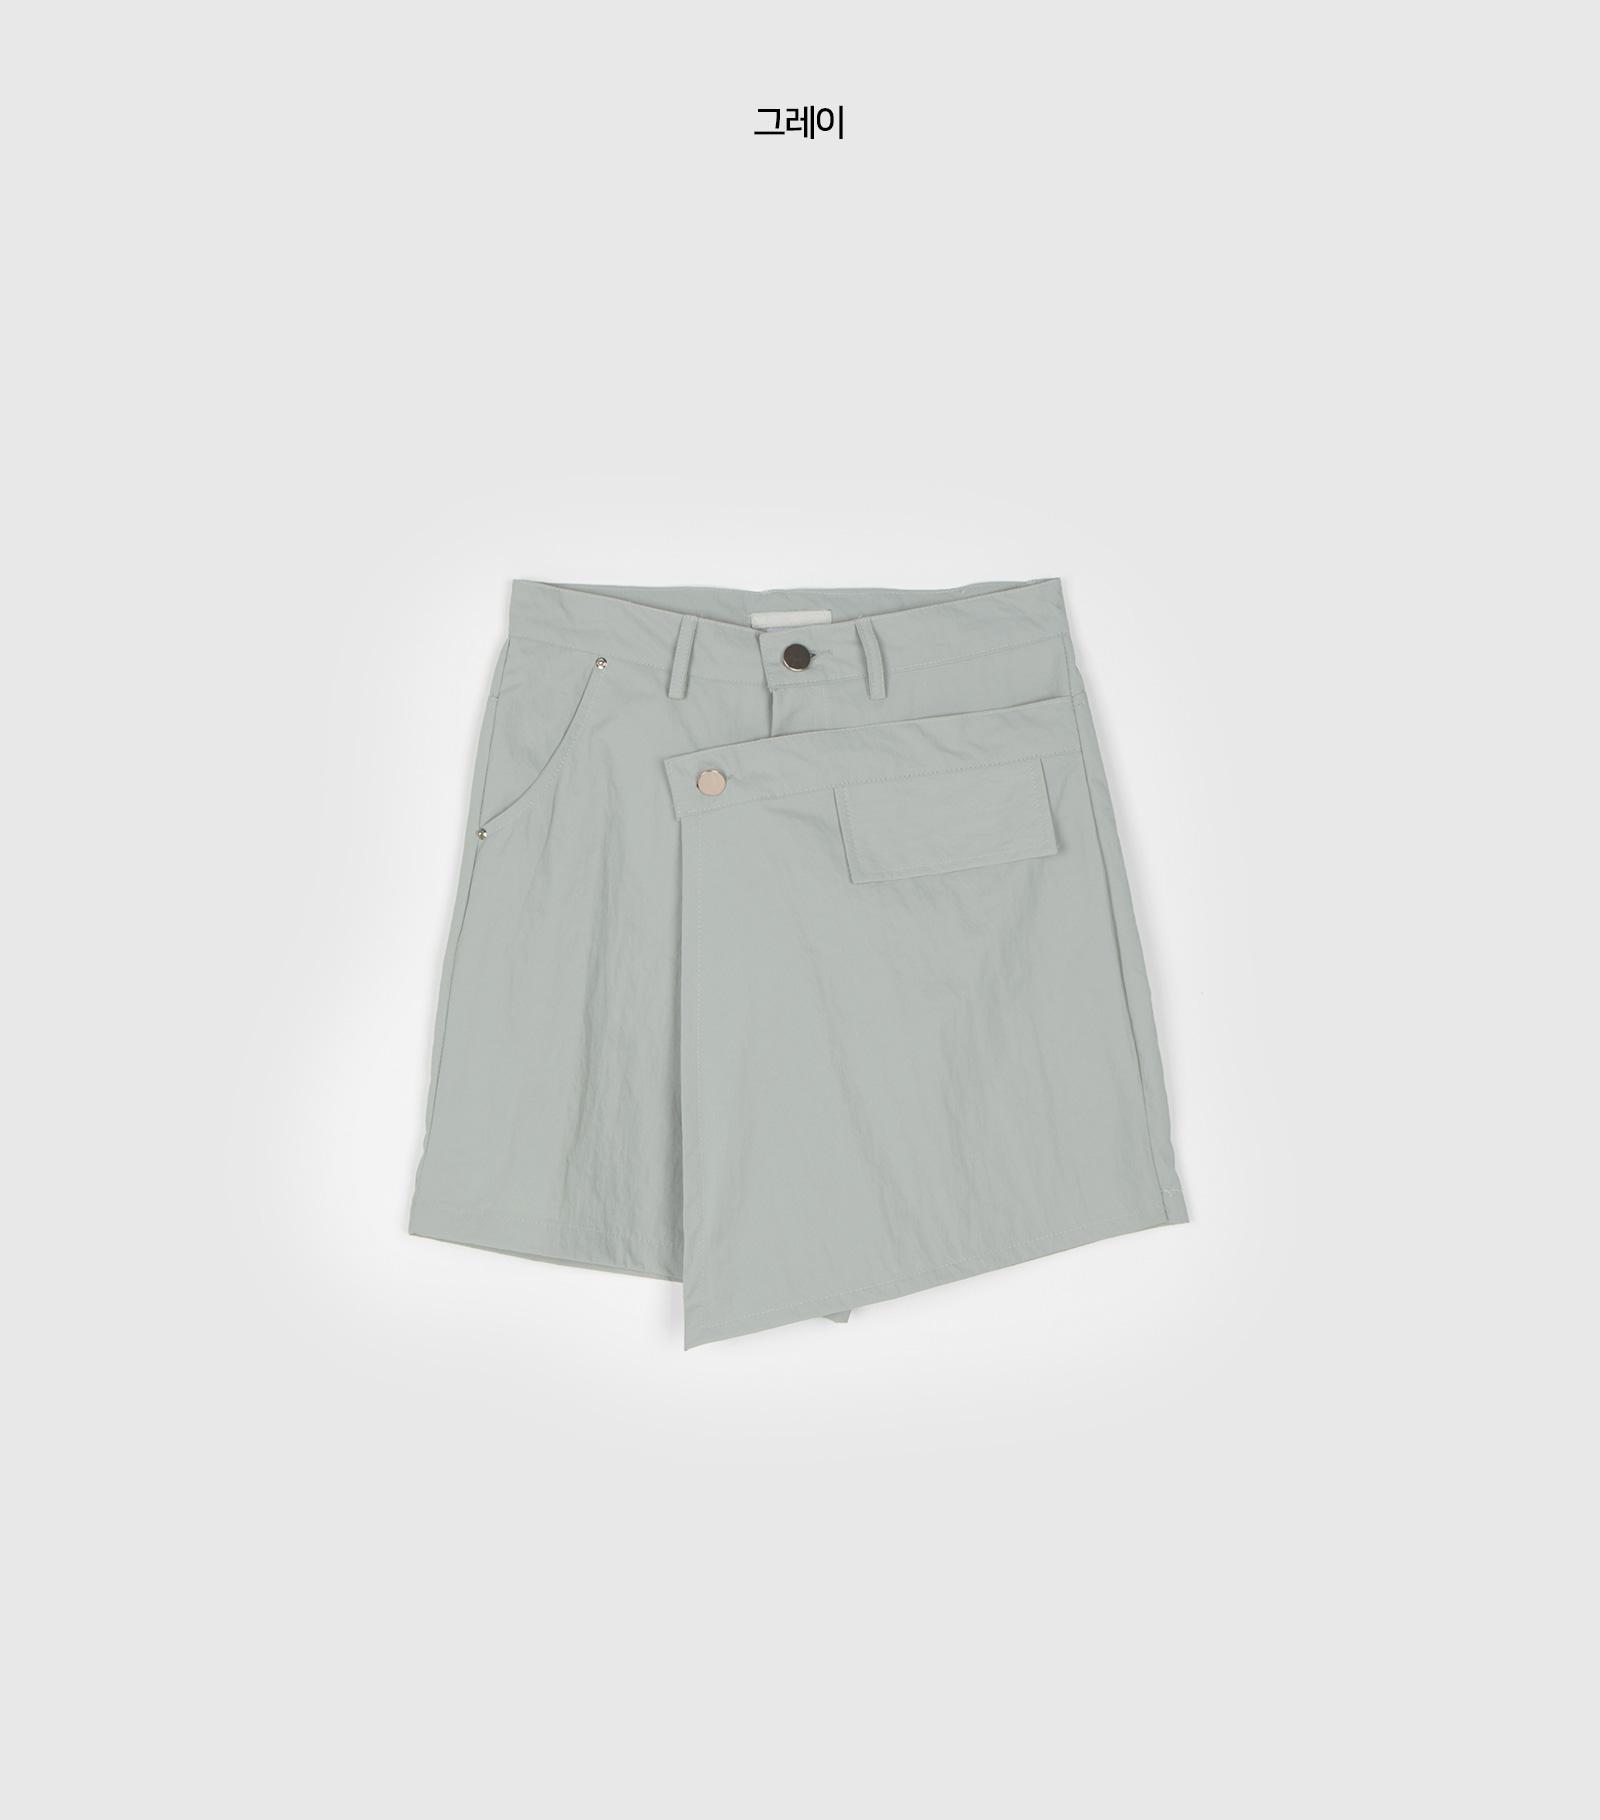 Unbal wrap style nylon shorts